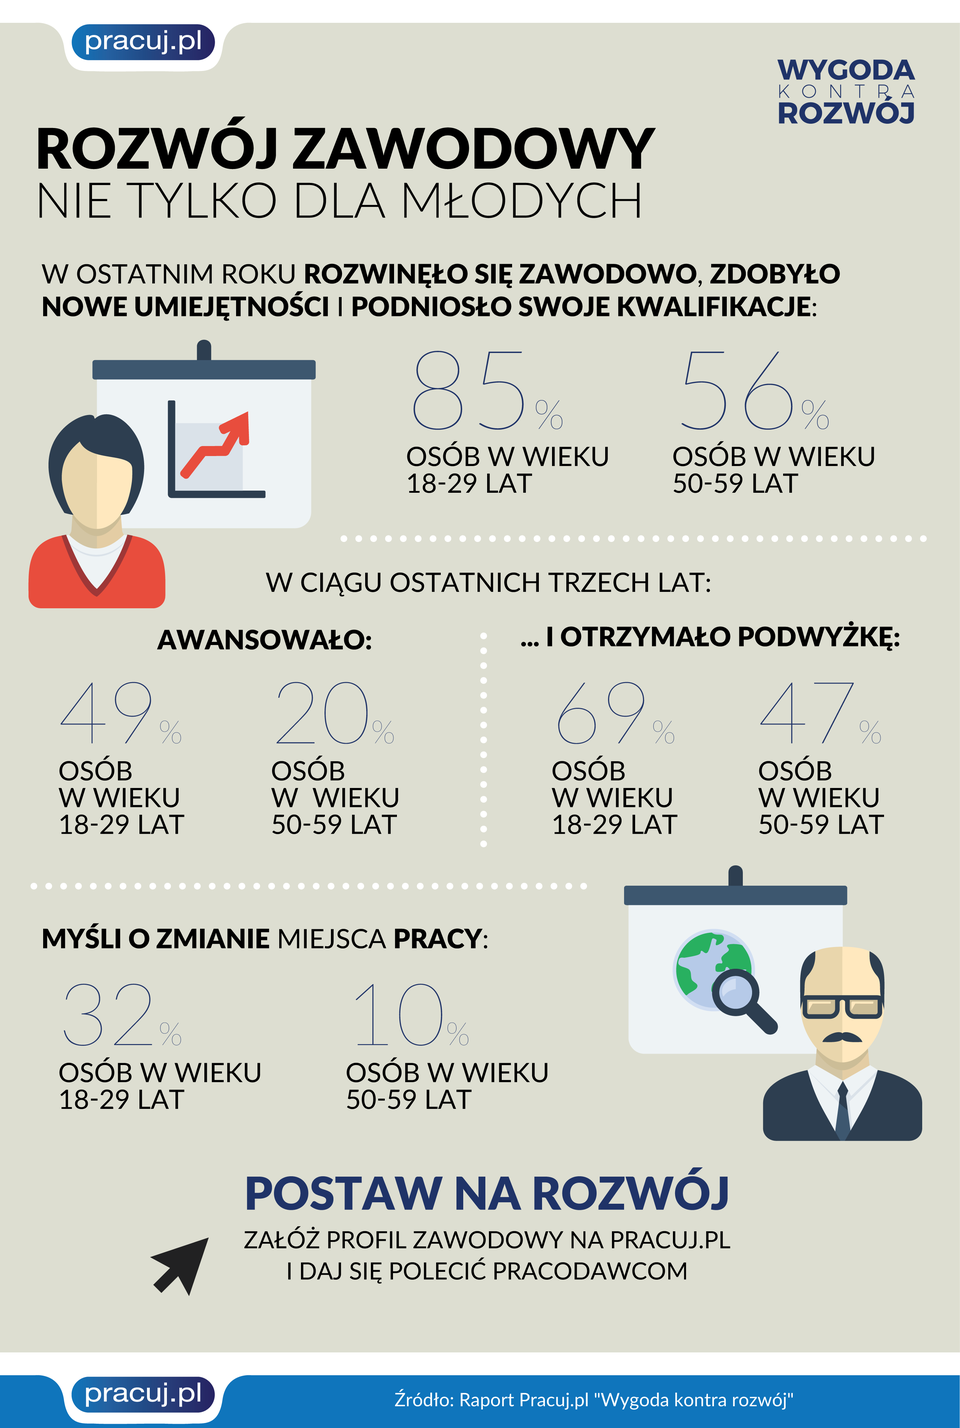 rozwoj_zawodowy_mlodzi_01 (1).png